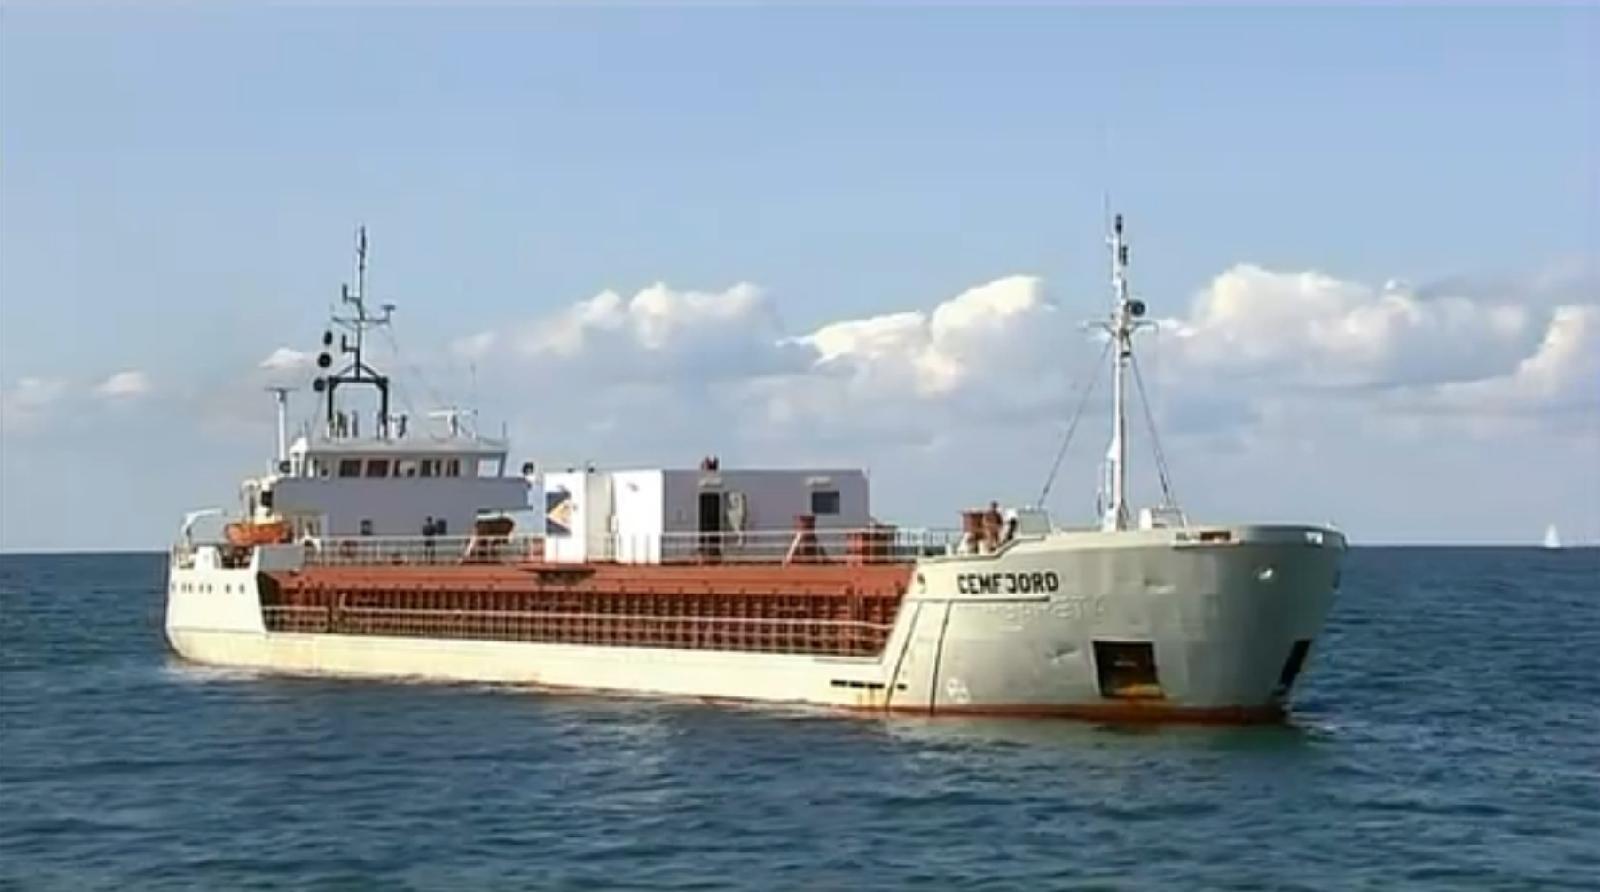 Drunk master ran cement tanker aground off Denmark